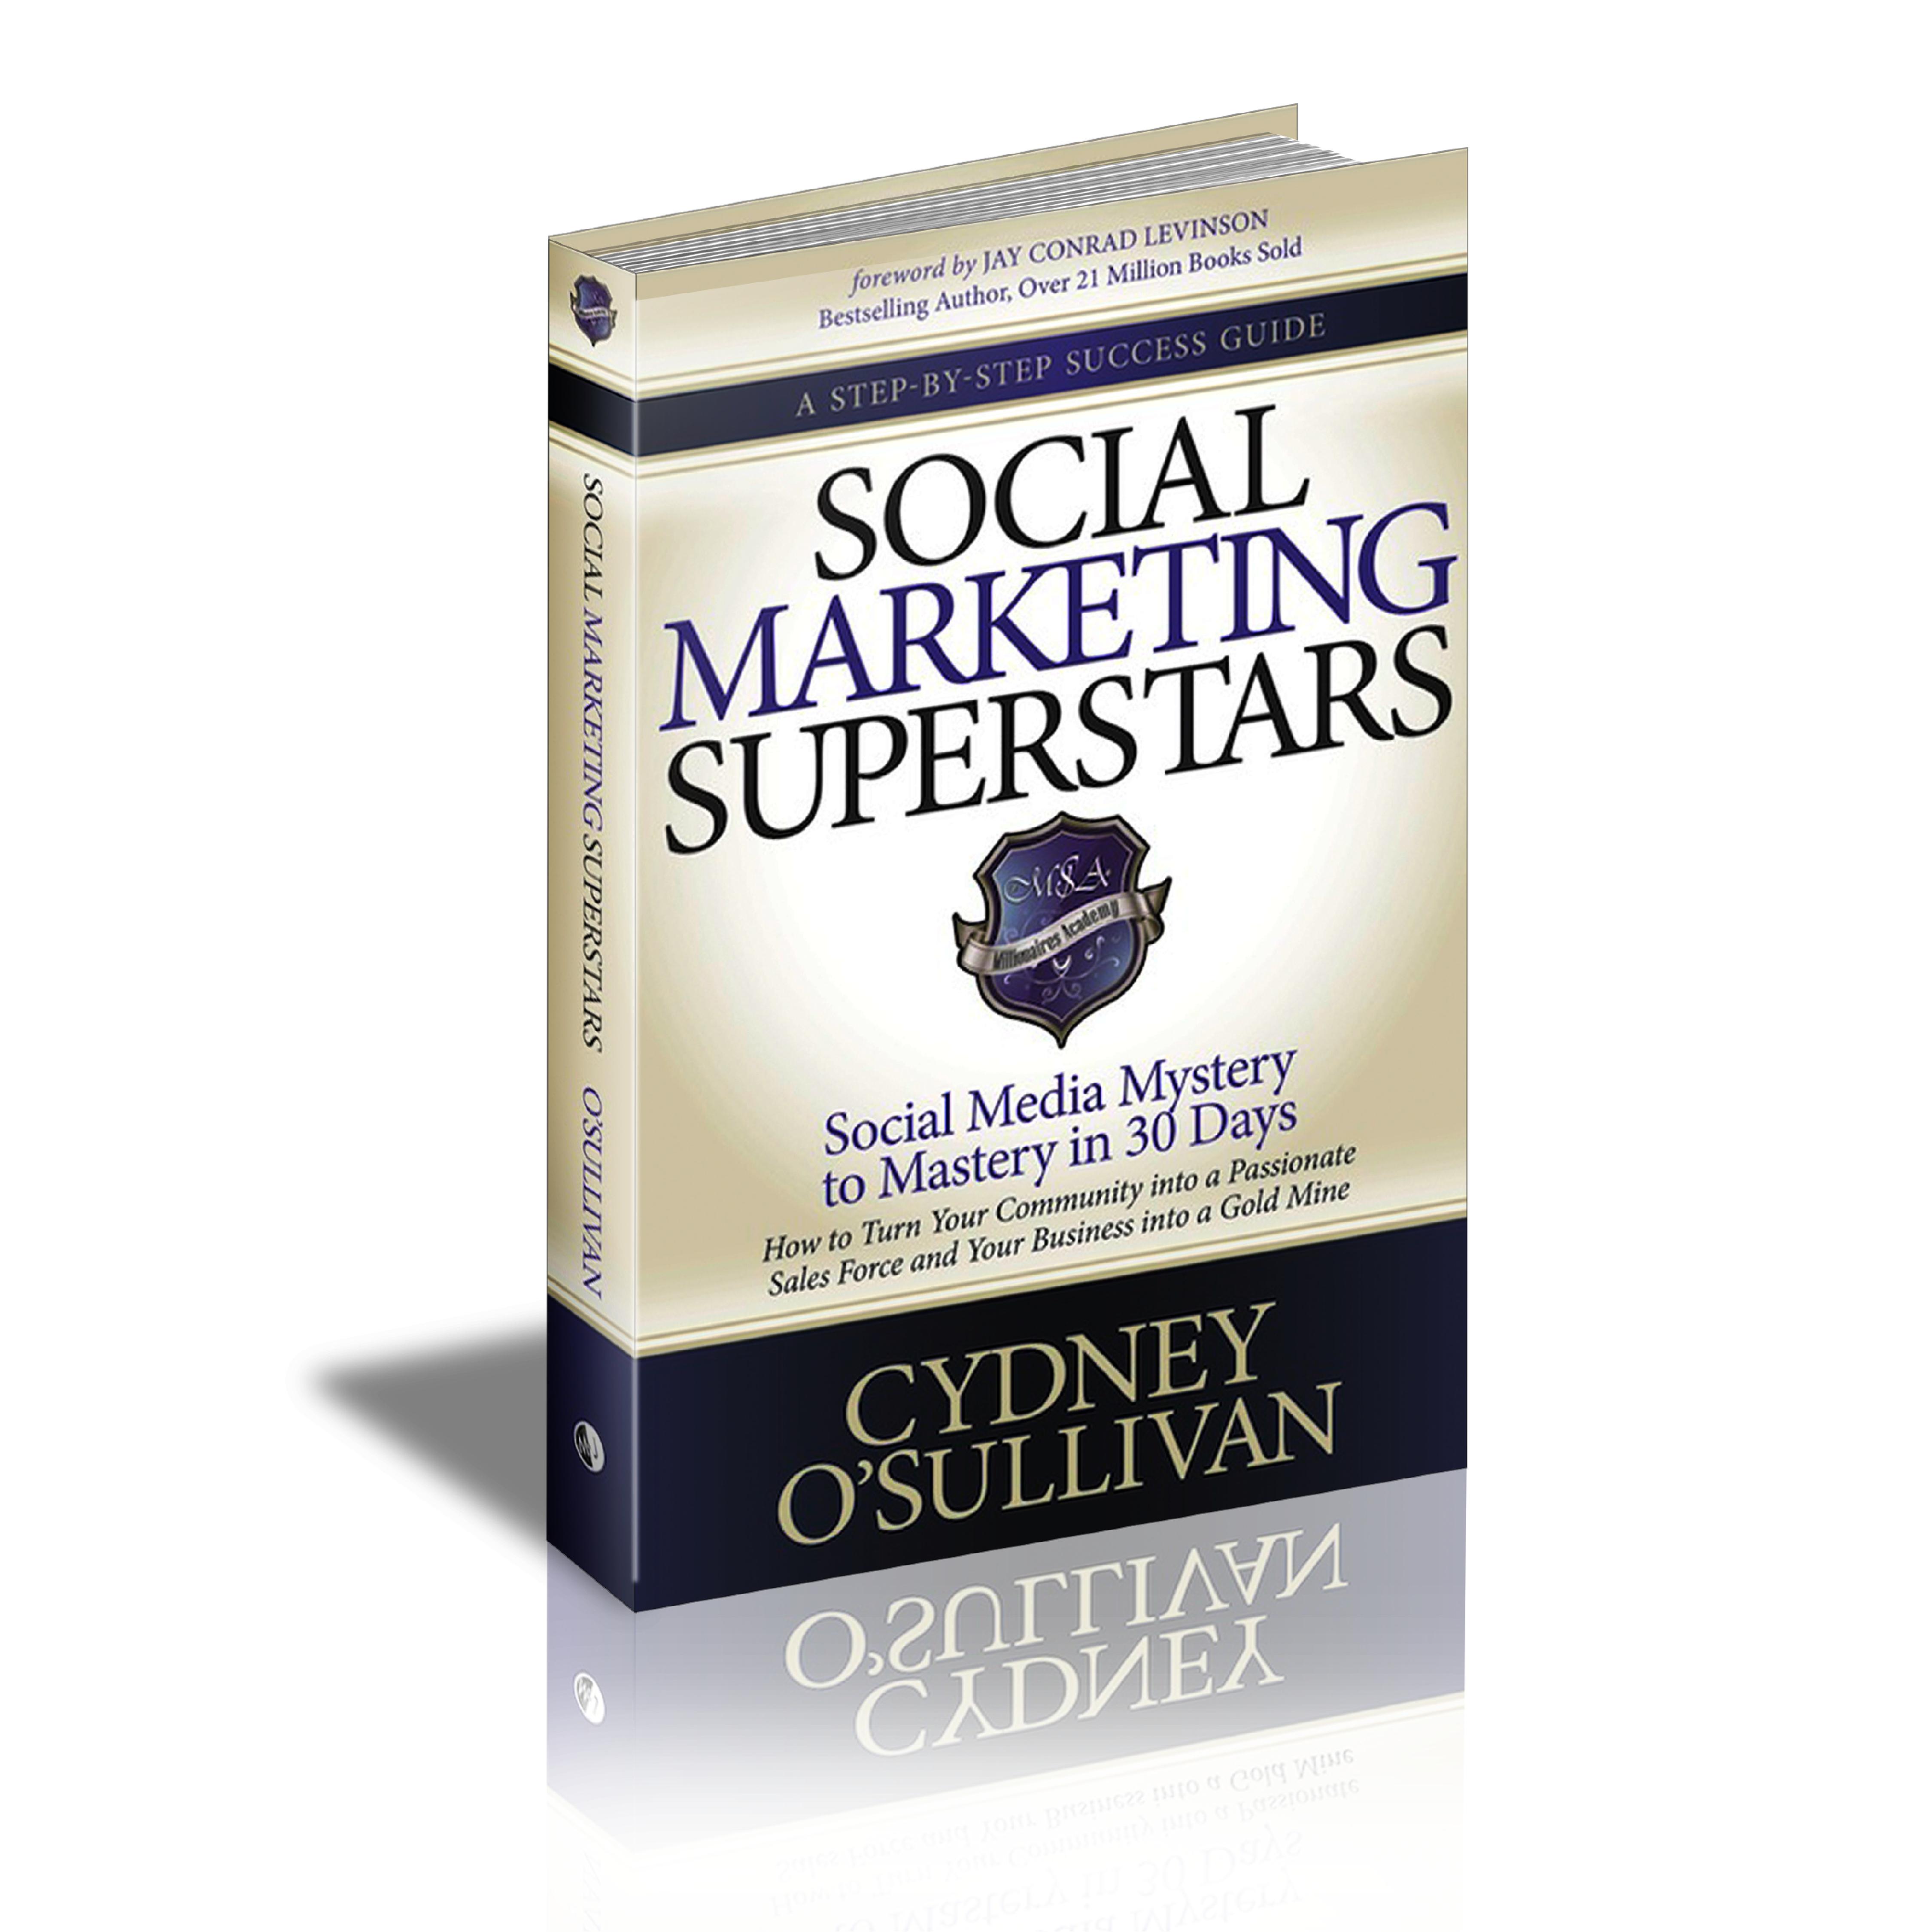 Social Marketing Superstars Book by Cydney O'Sullivan